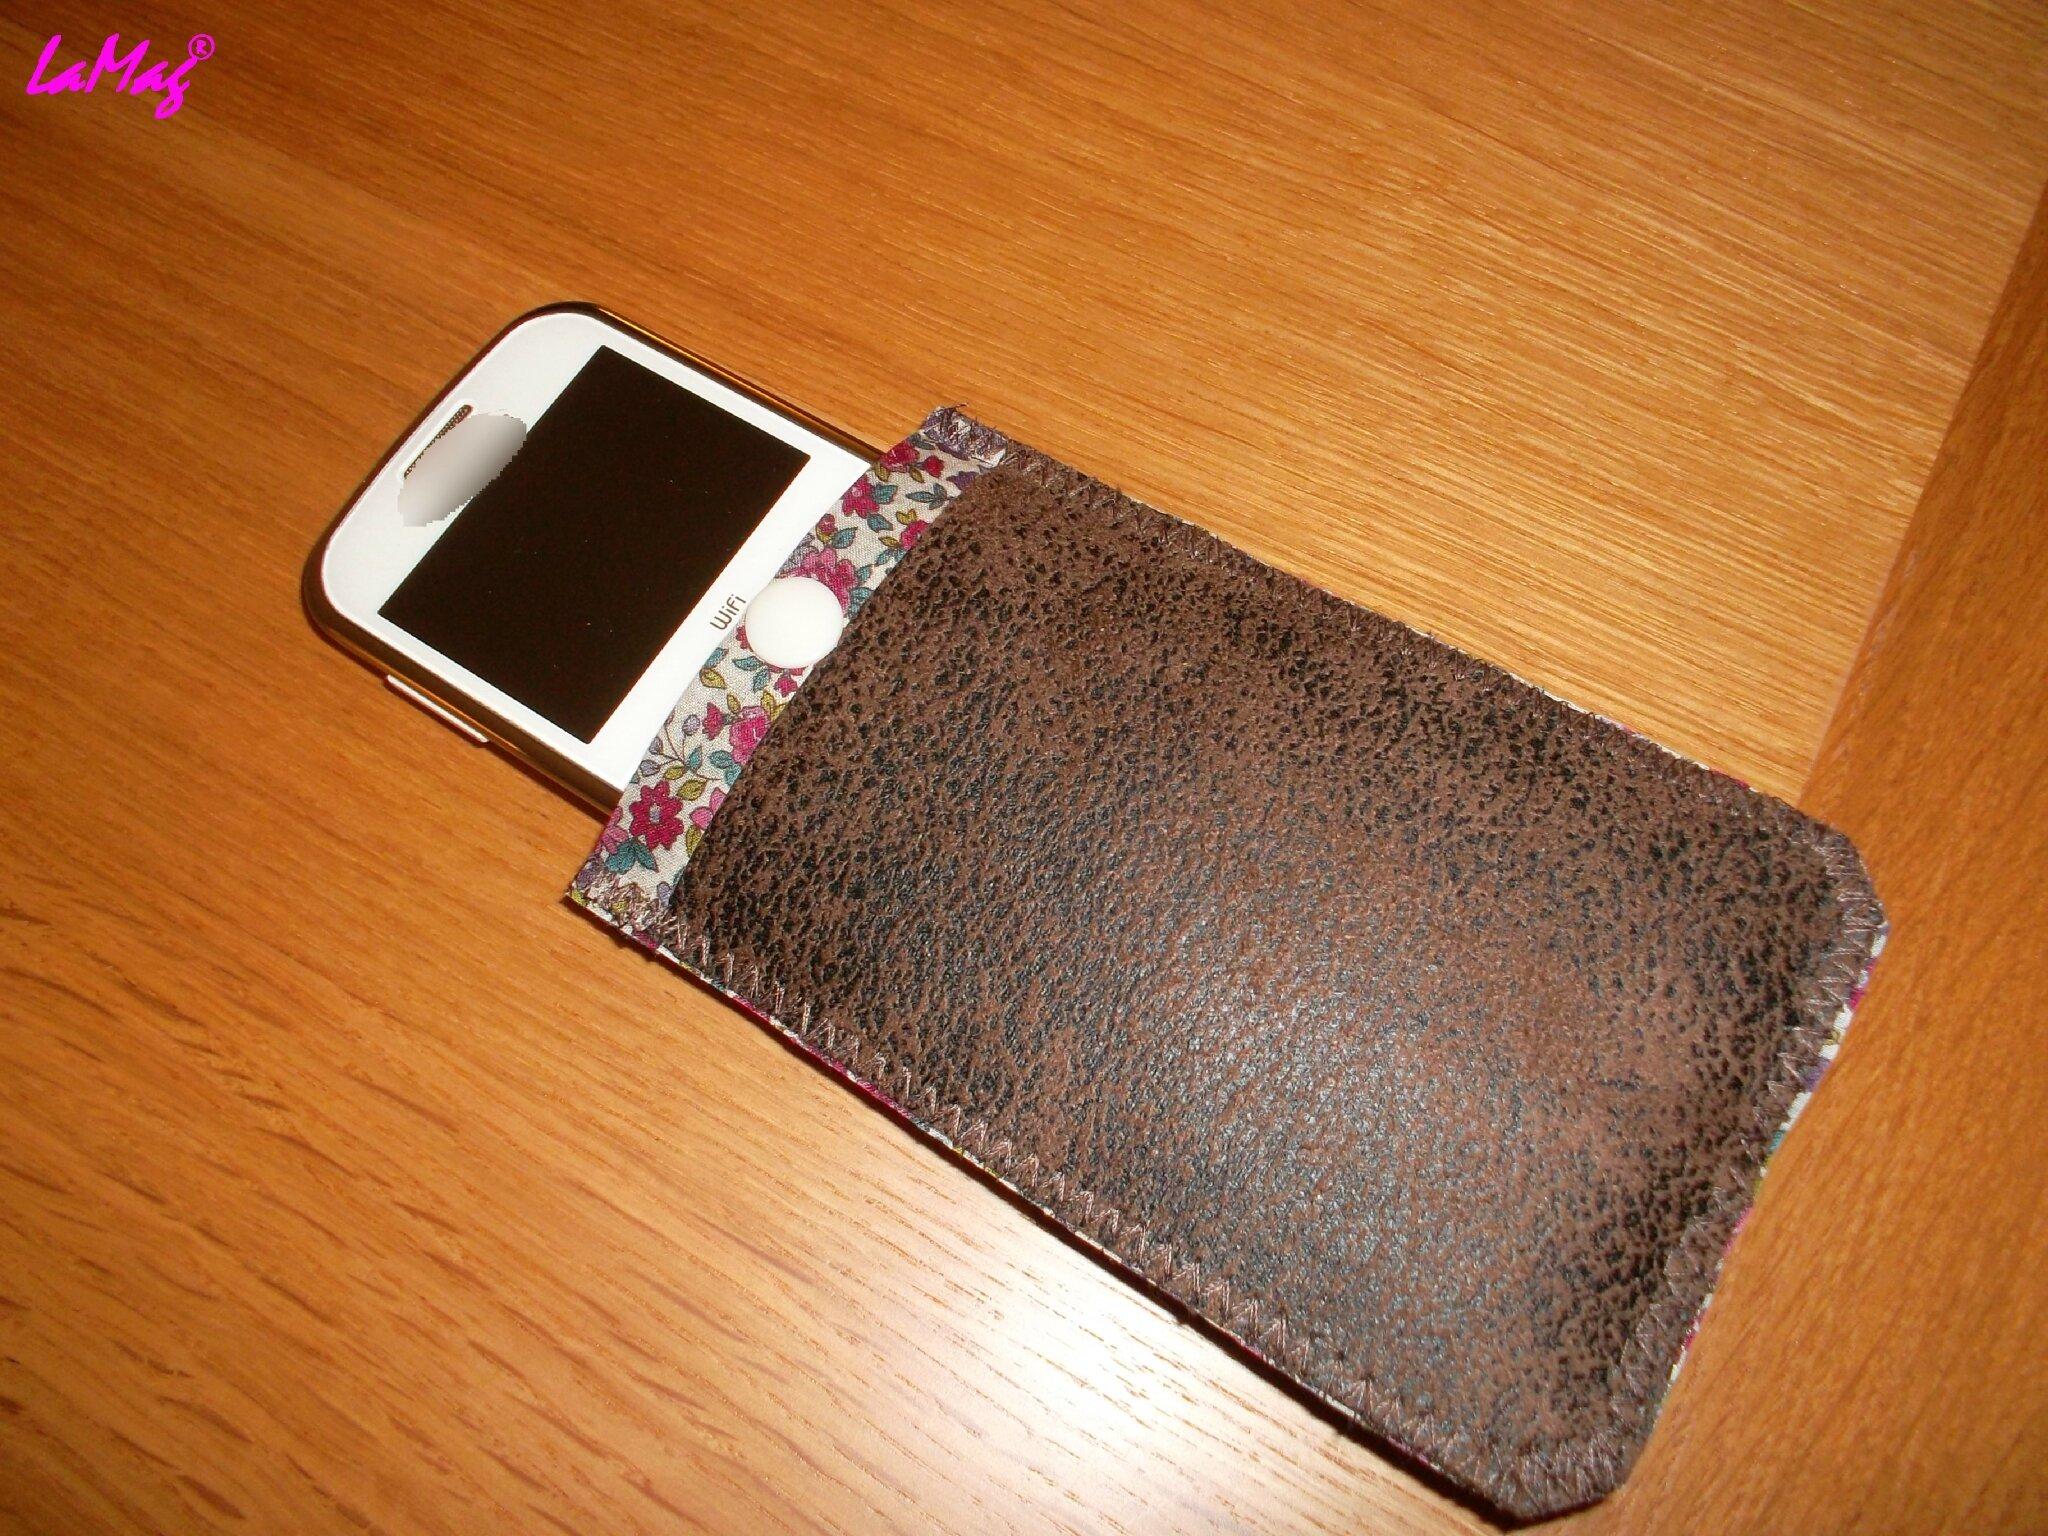 Housse portable sans blague c 39 est lamag for Housse portable